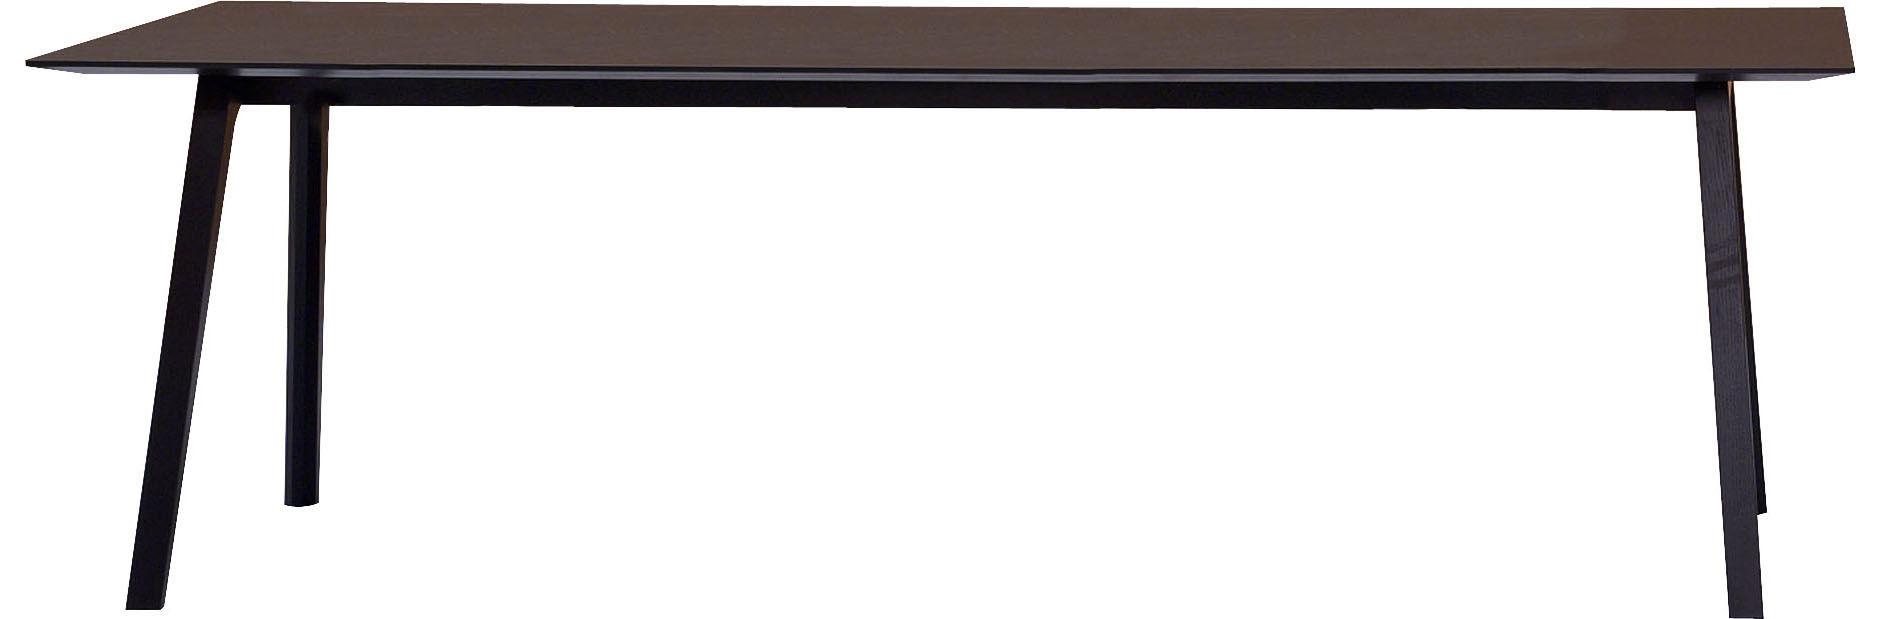 bella desk tisch 180 x 90 cm hay schreibtisch. Black Bedroom Furniture Sets. Home Design Ideas